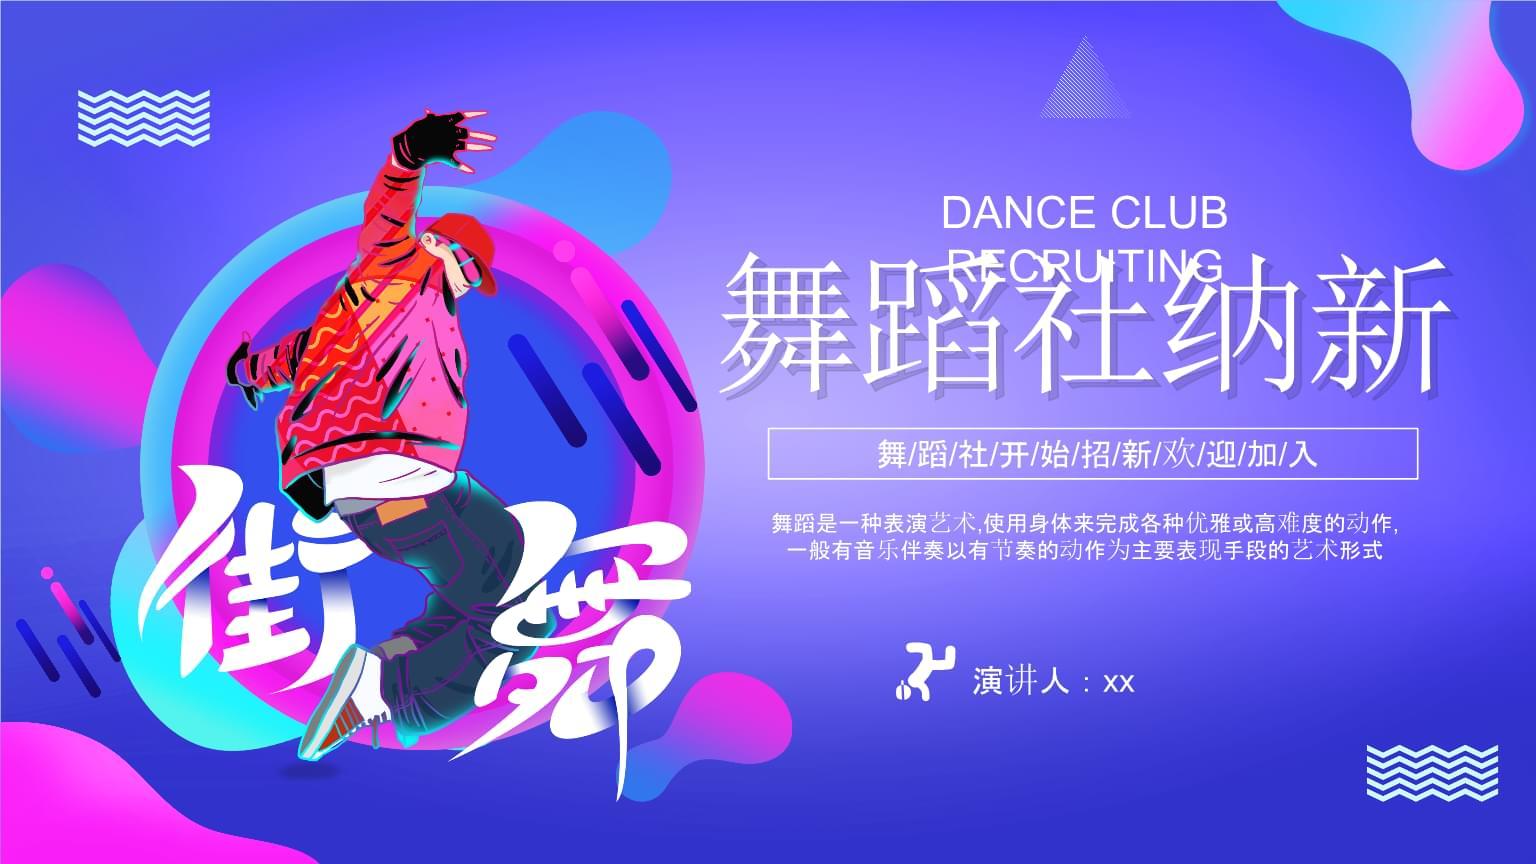 紫色舞蹈社纳新欢迎加入主题模板.pptx